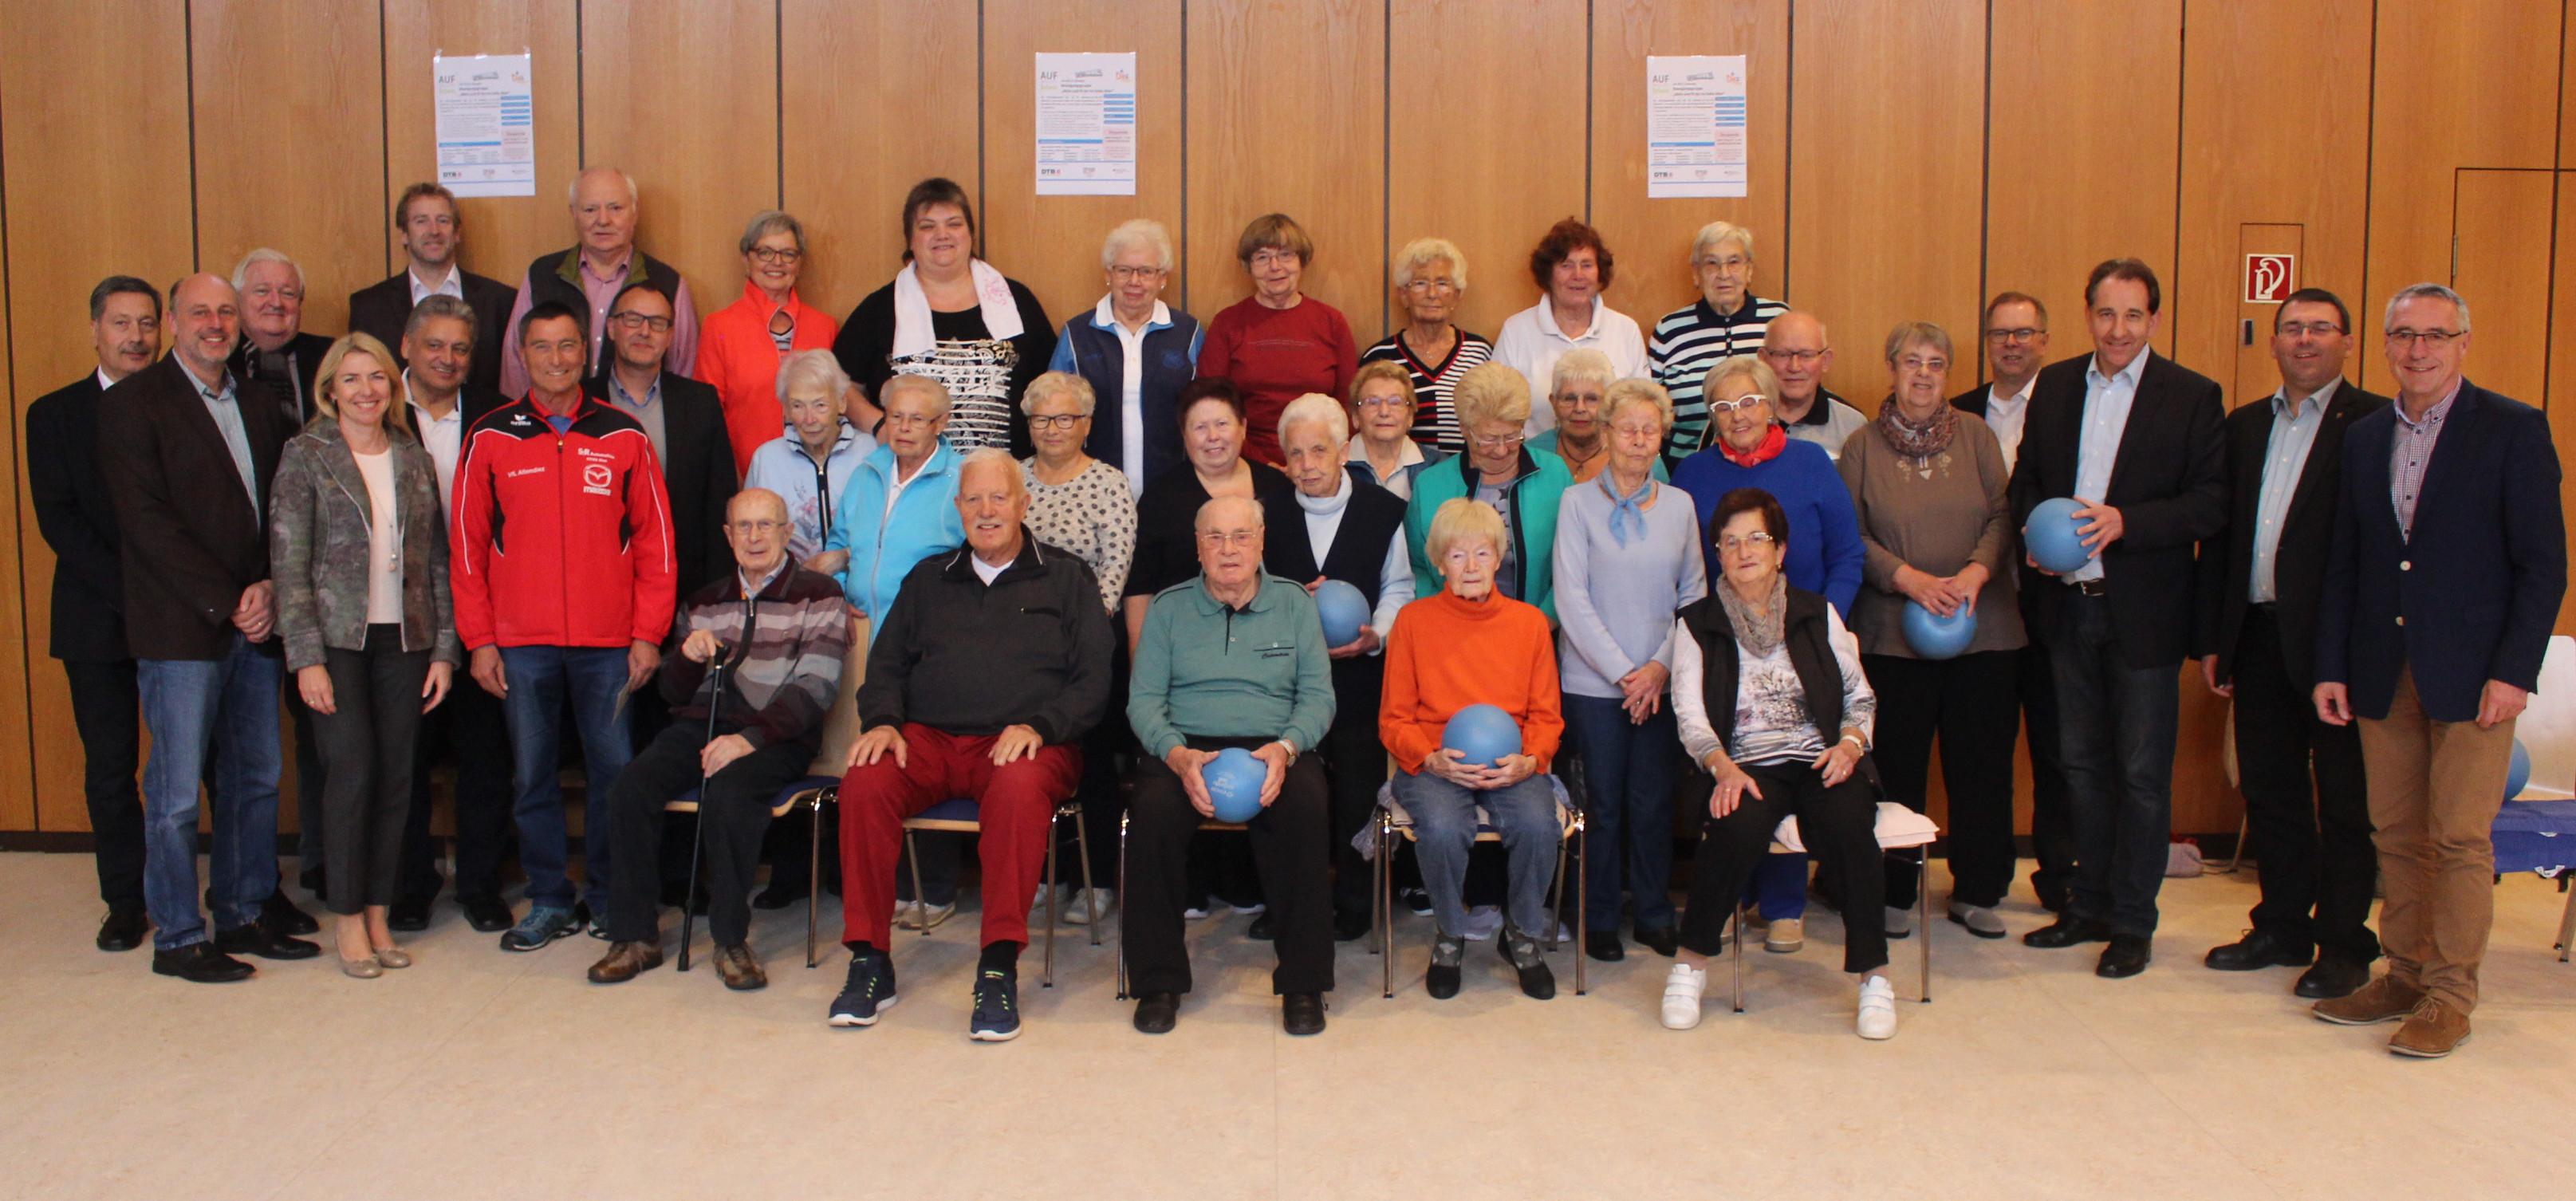 Fünf Jahre Senioren-Gymnastikgruppe 80+